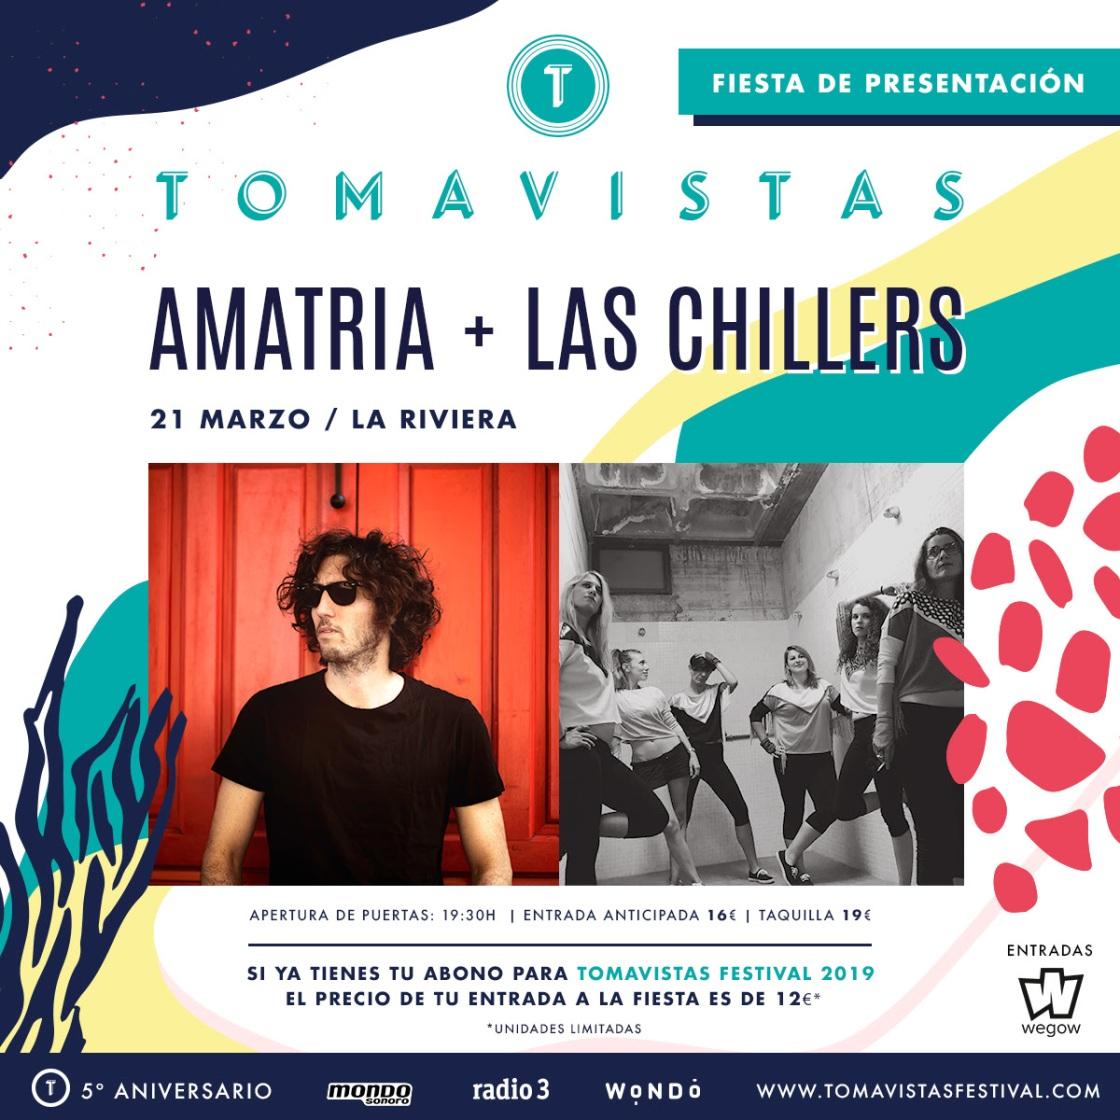 Fiesta presentación Tomavistas 2019.